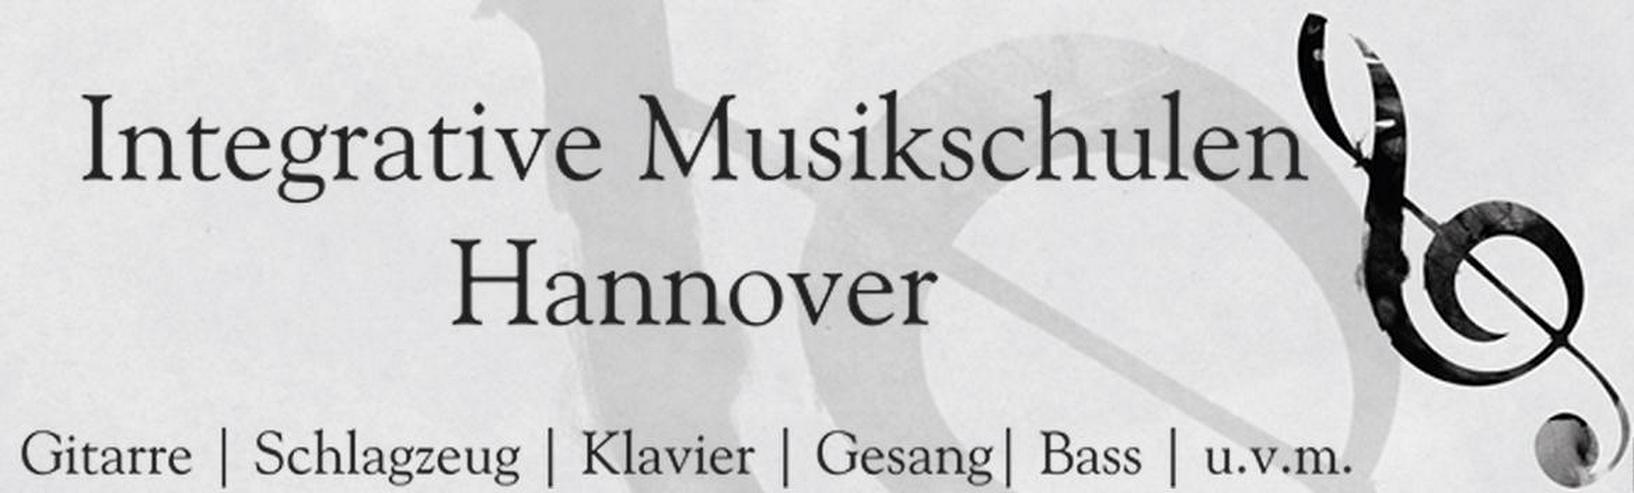 LehrerInnen für Schlagzeug und Gitarre in Hannover gesucht!